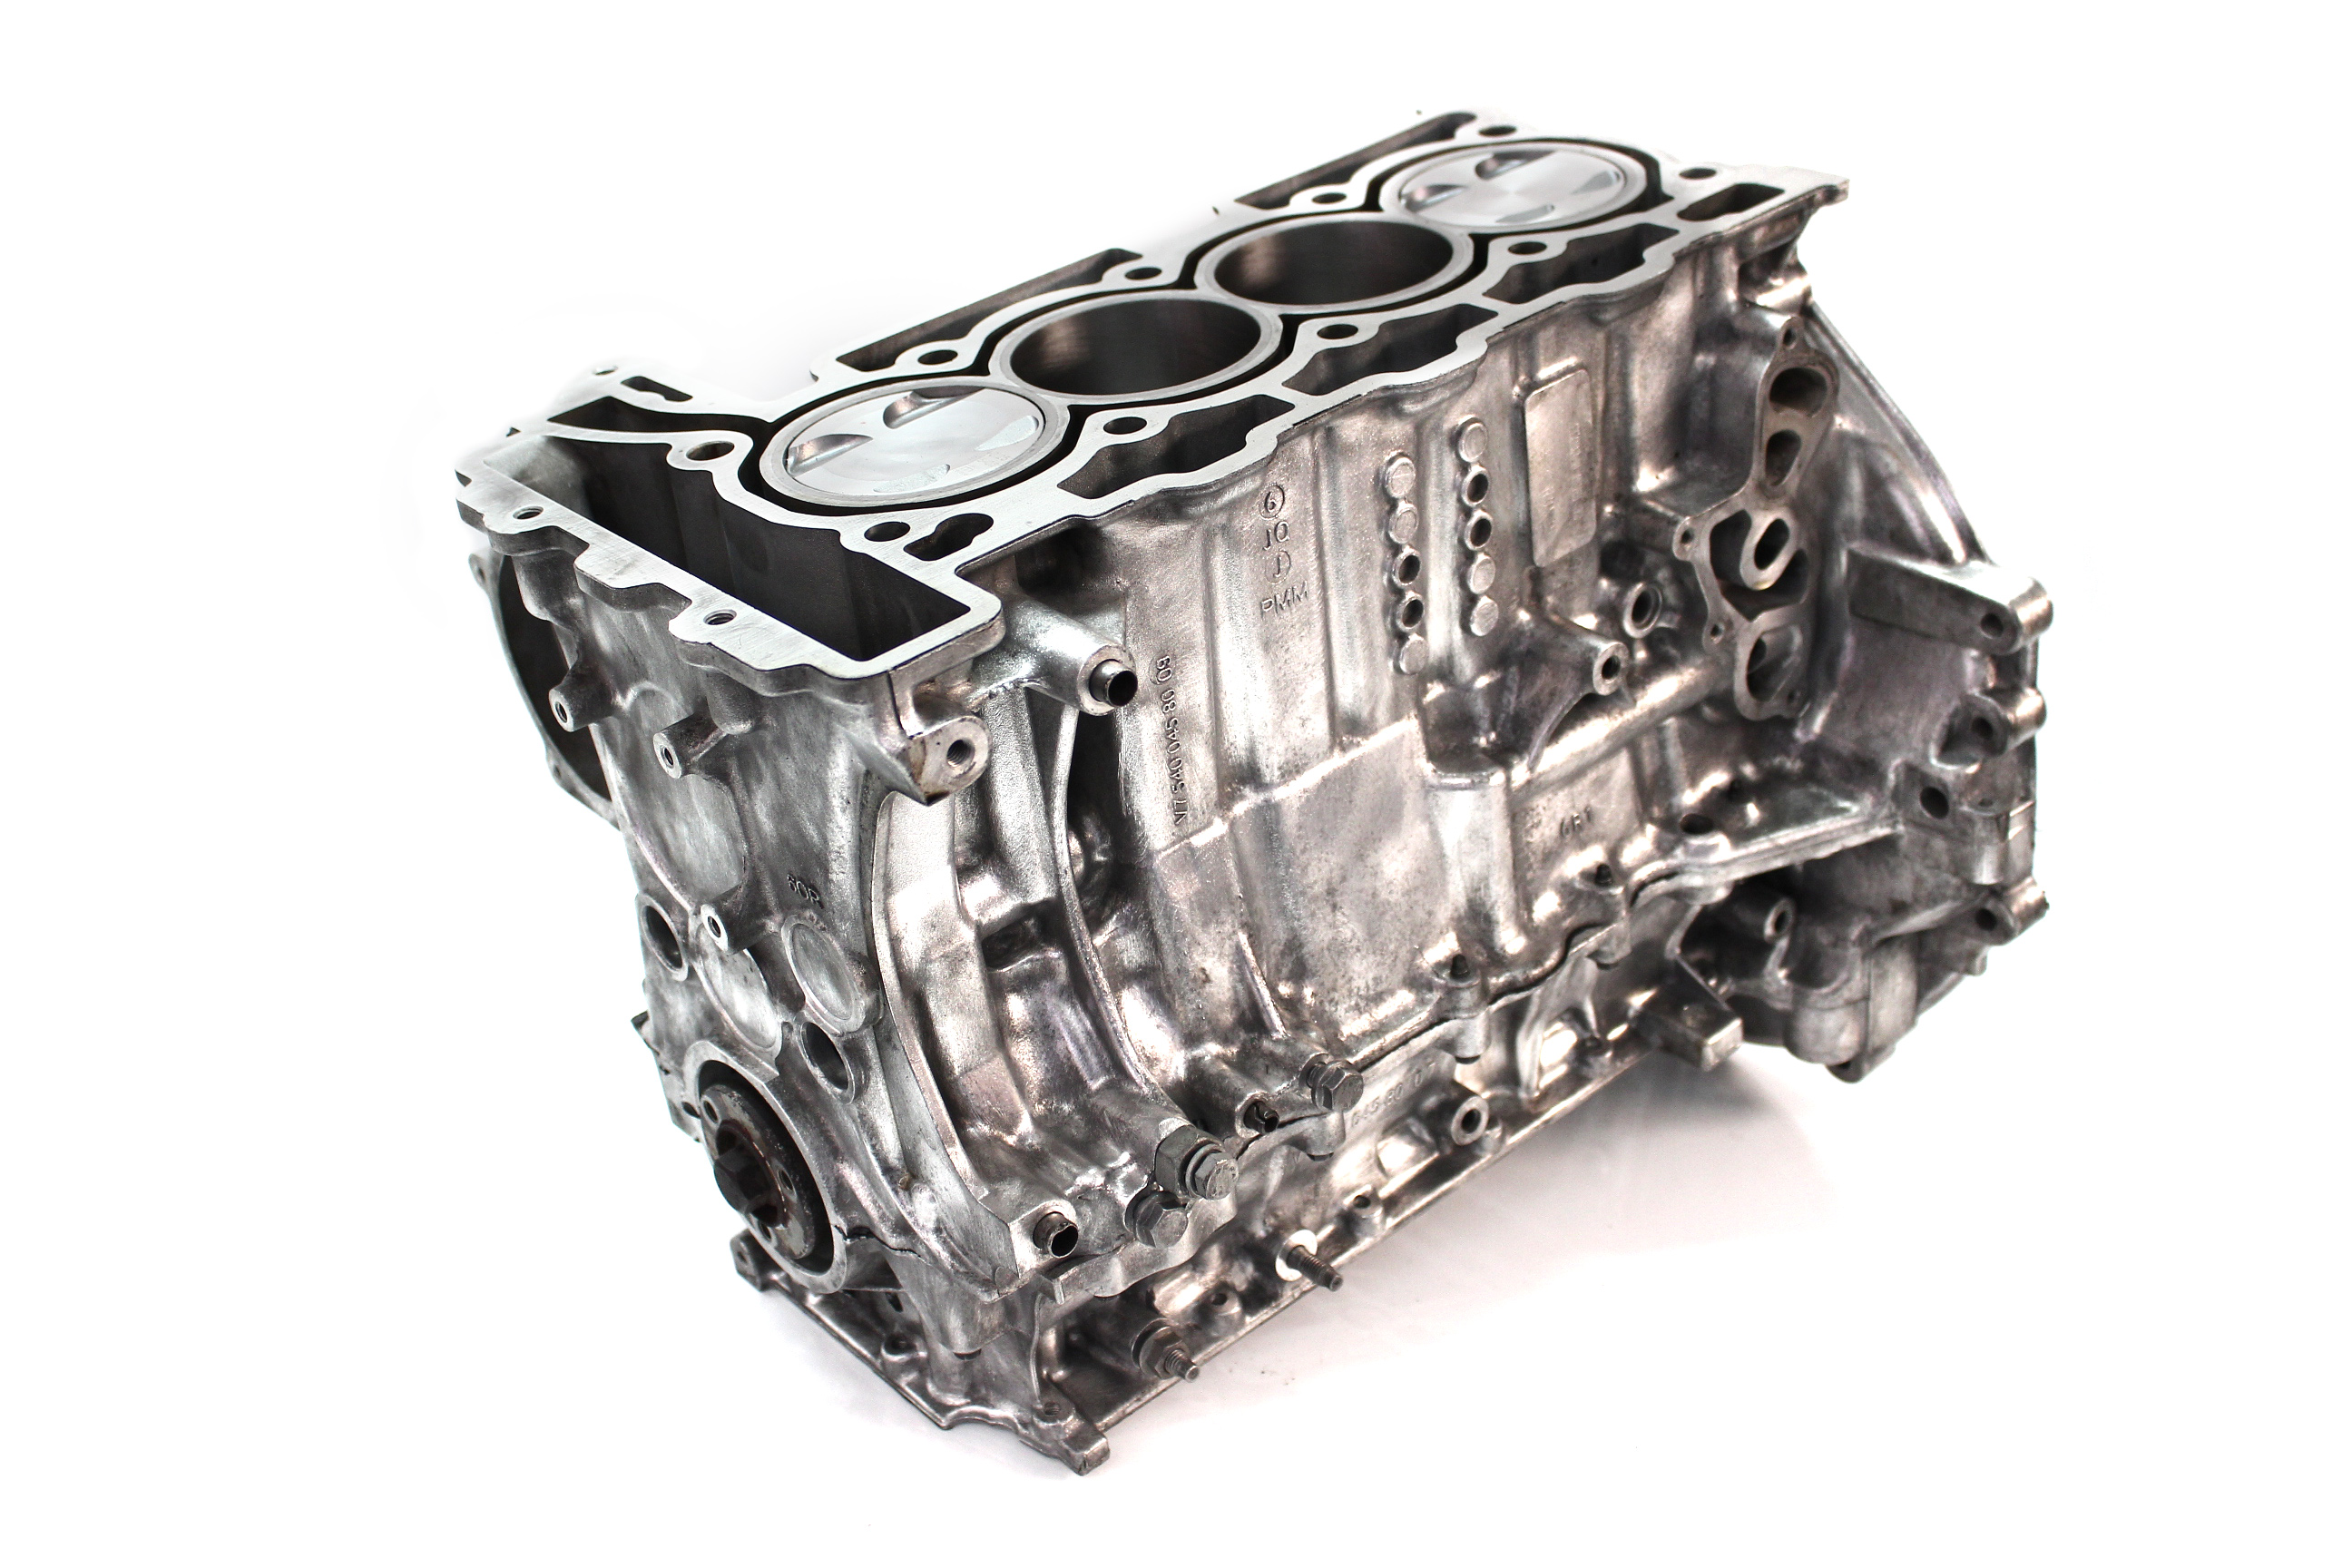 Blocco motore obsoleto revisione Manovellismo Mini Cooper 1,6 N12 N12B16A NUOVO